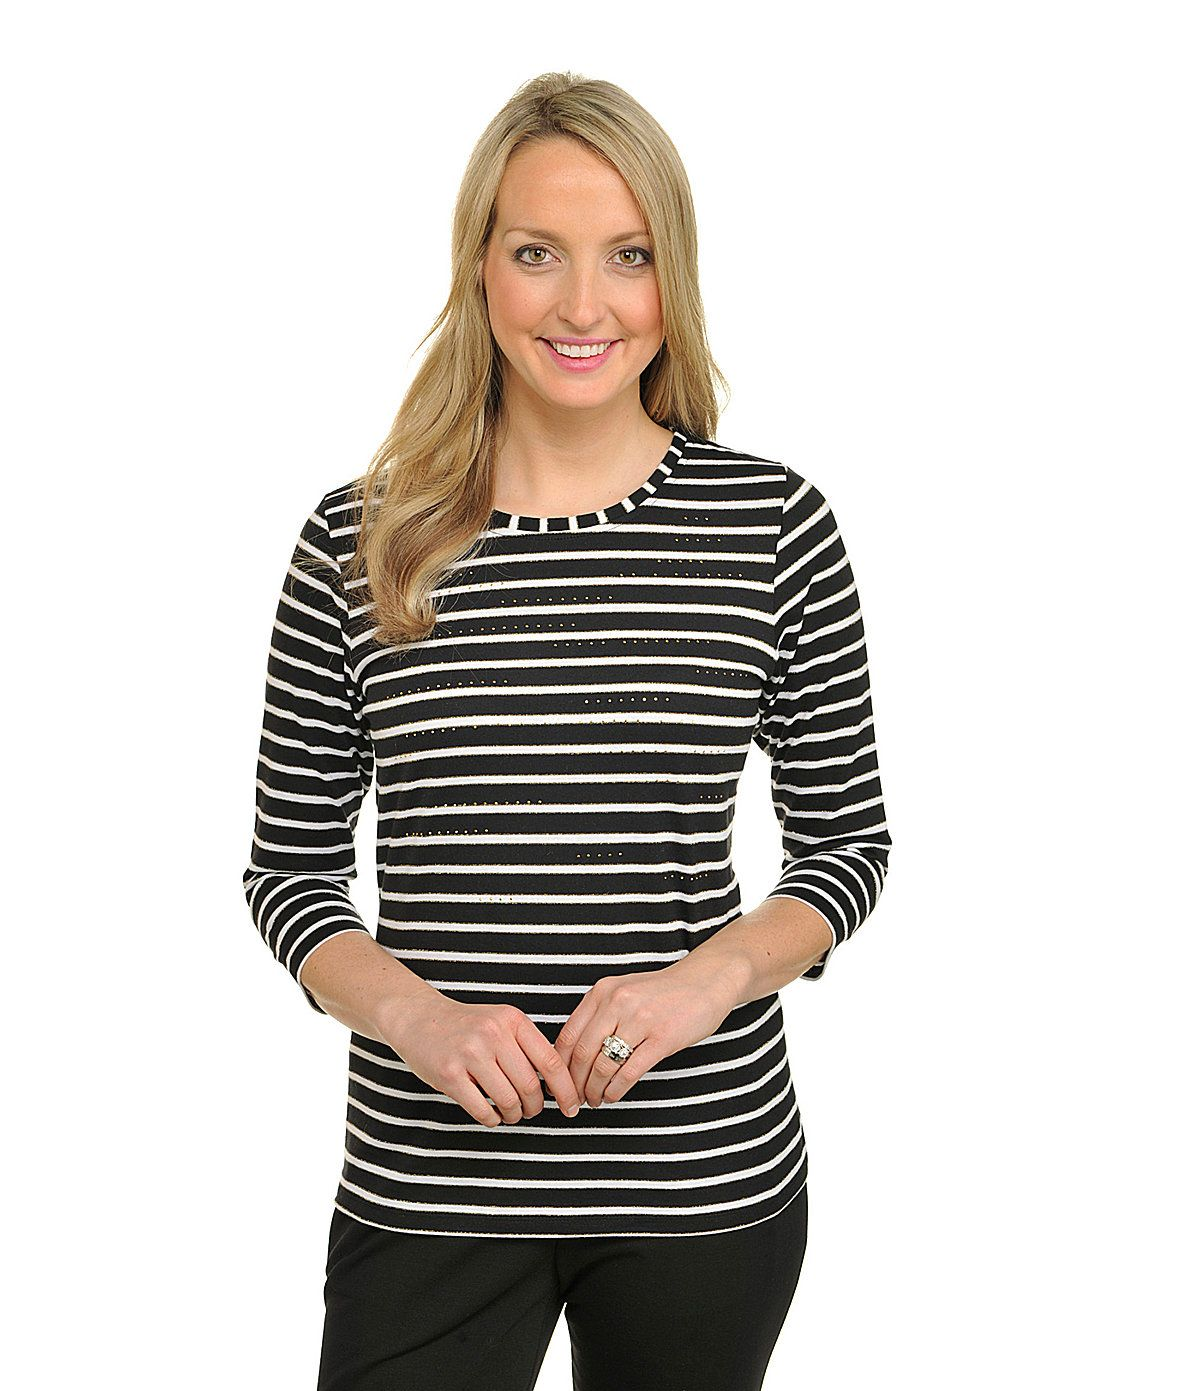 Allison Daley Petite Embellished Striped Knit Top | Dillards.com